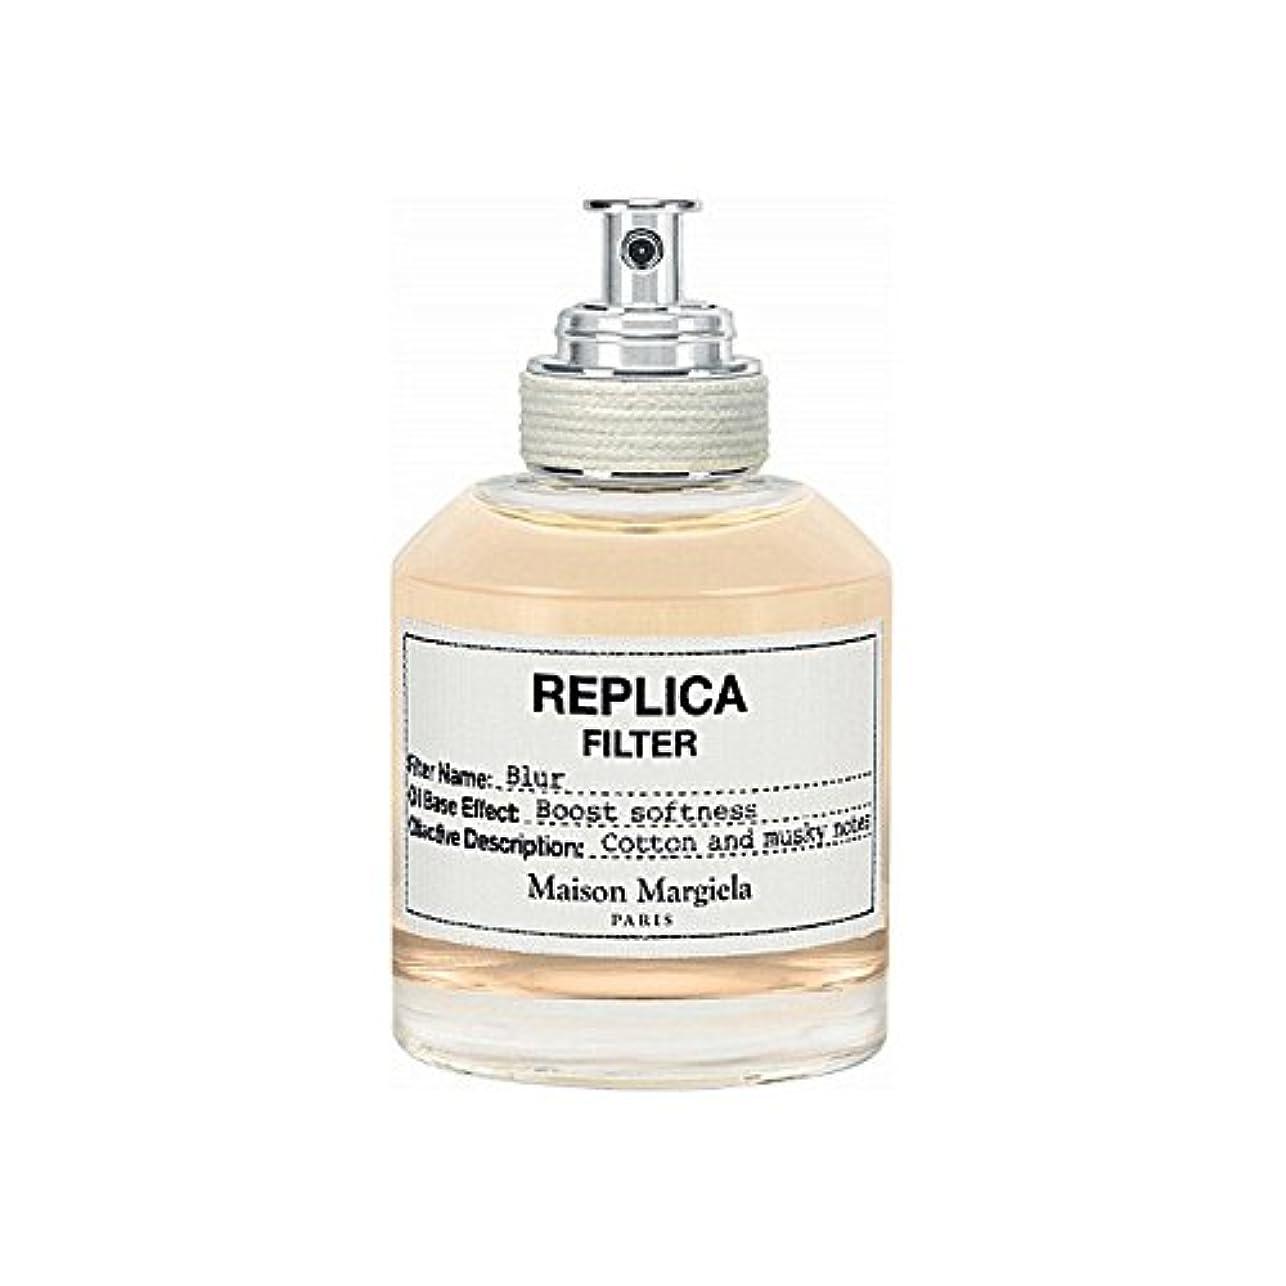 味ホップ高潔なメゾンマルジェラのぼかしレプリカフィルタ50ミリリットル x4 - Maison Margiela Blur Replica Filter 50ml (Pack of 4) [並行輸入品]